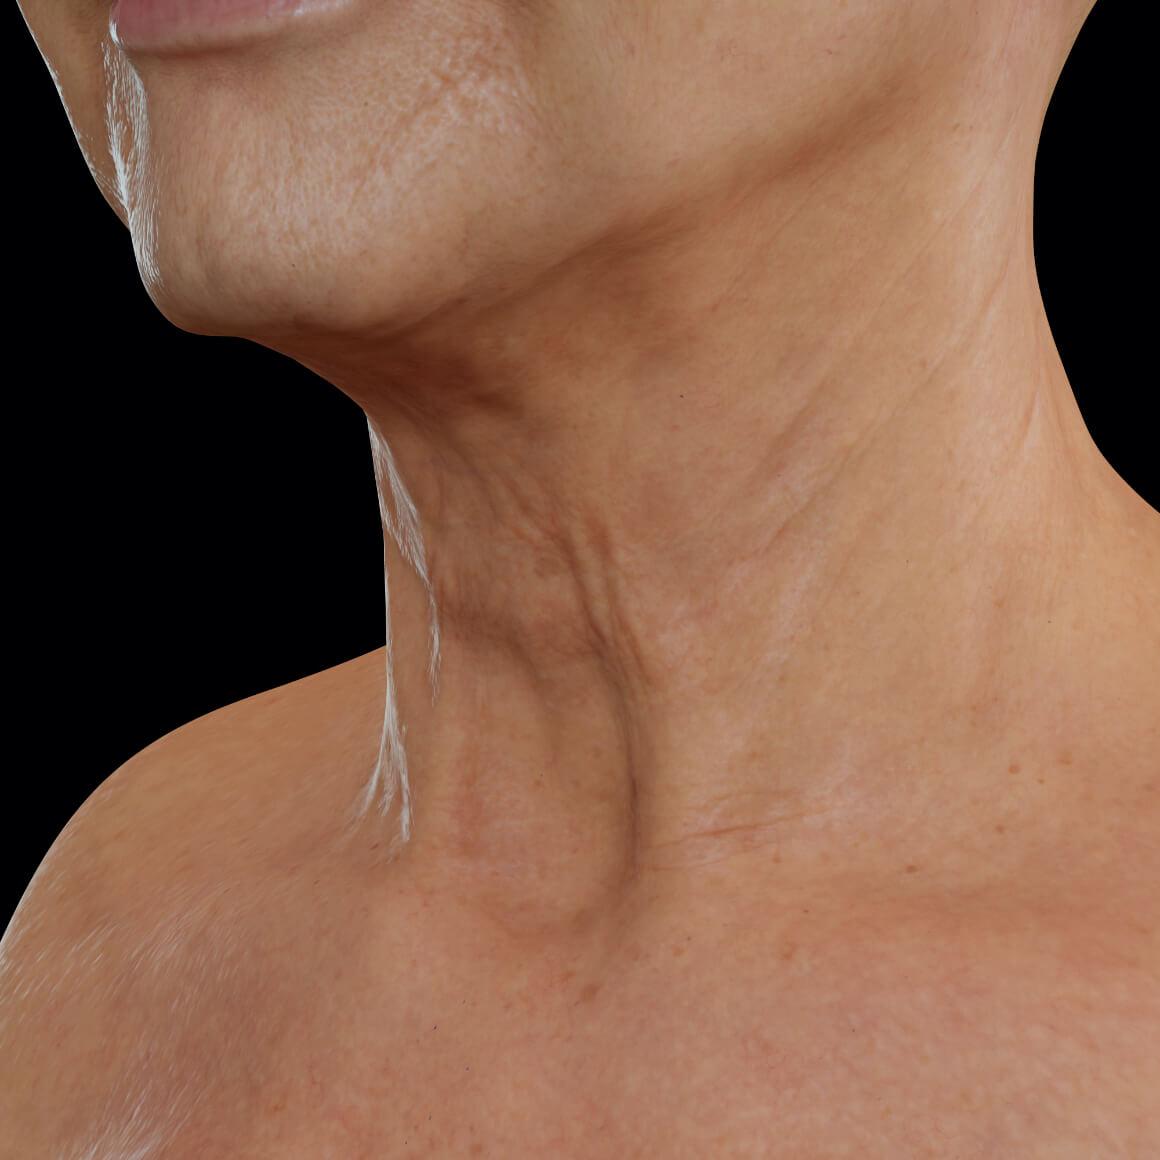 Patiente de la Clinique Chloé vue en angle après des traitements Venus Viva pour le raffermissement de la peau du cou